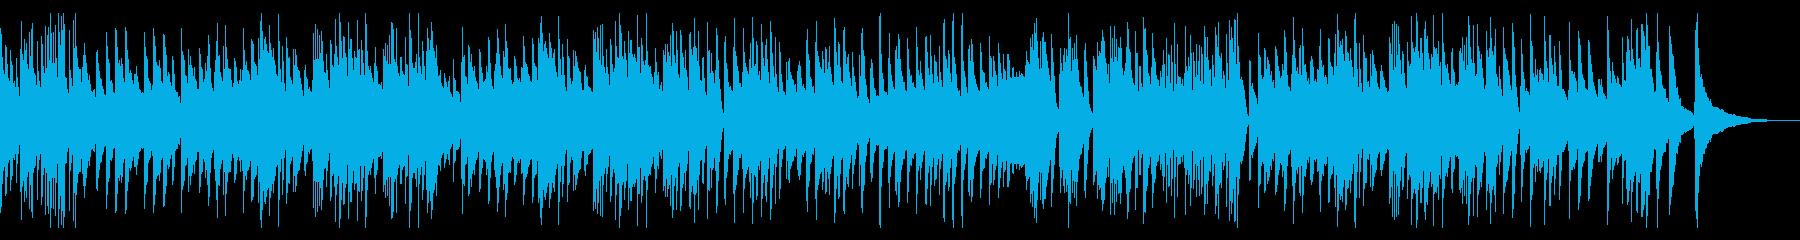 ピアノ演奏によるラジオ体操の再生済みの波形